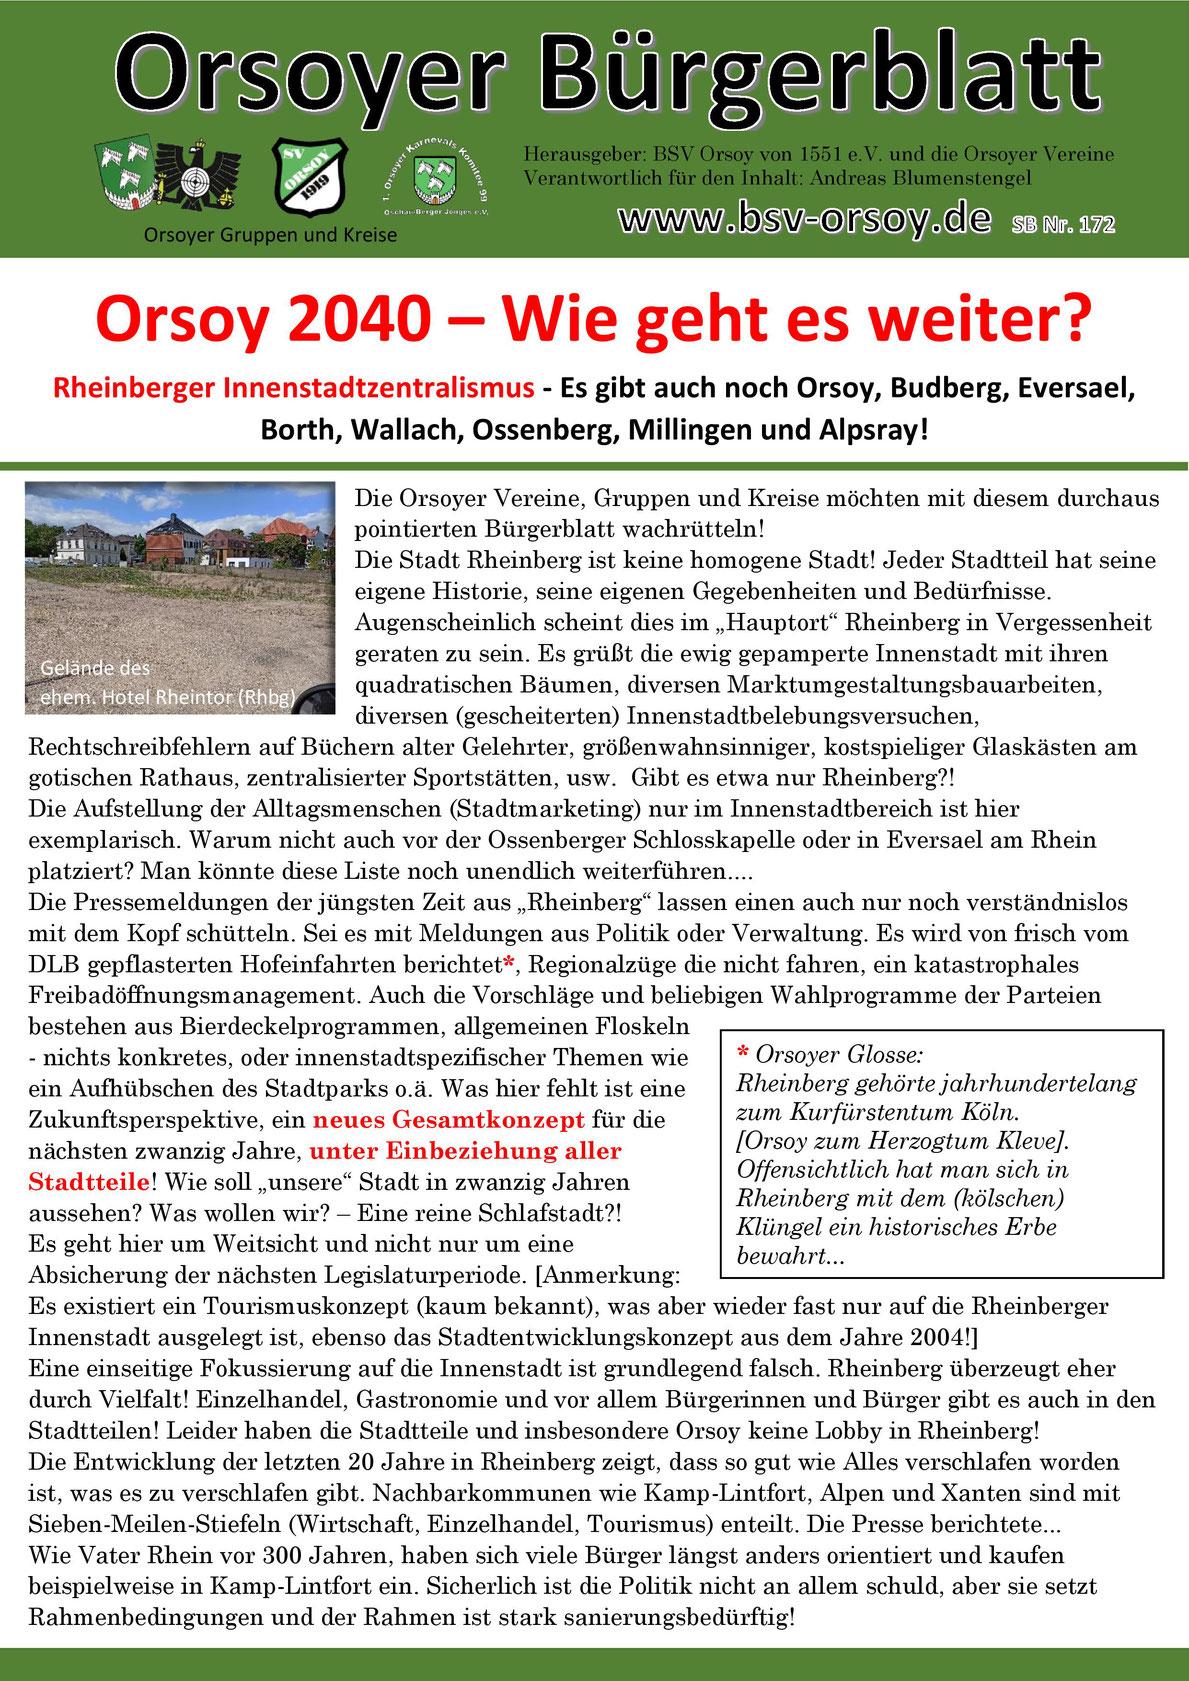 BSV-Orsoy, Orsoy, Schützenblatt, Bürgerschützenverein, Schützenverein, Orsoyer Bürgerblatt, Bürgerblatt